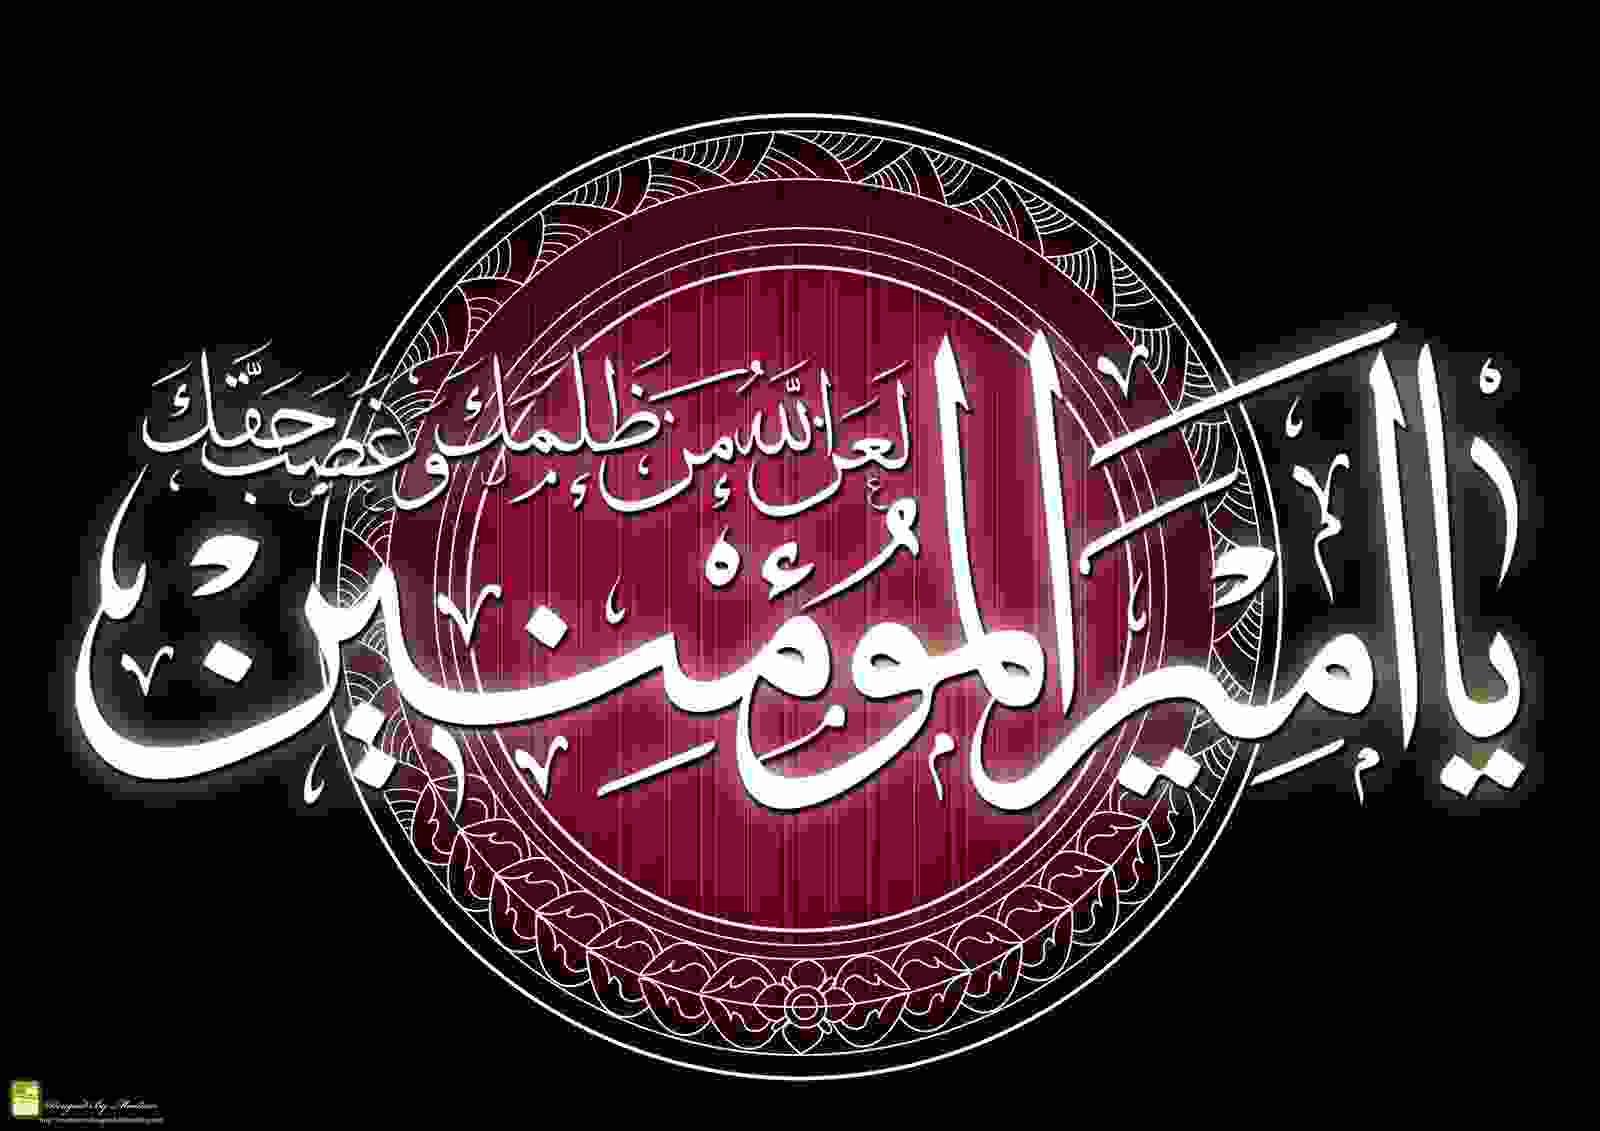 عکس با کیفیت از شهادت امام علی علیه السلام